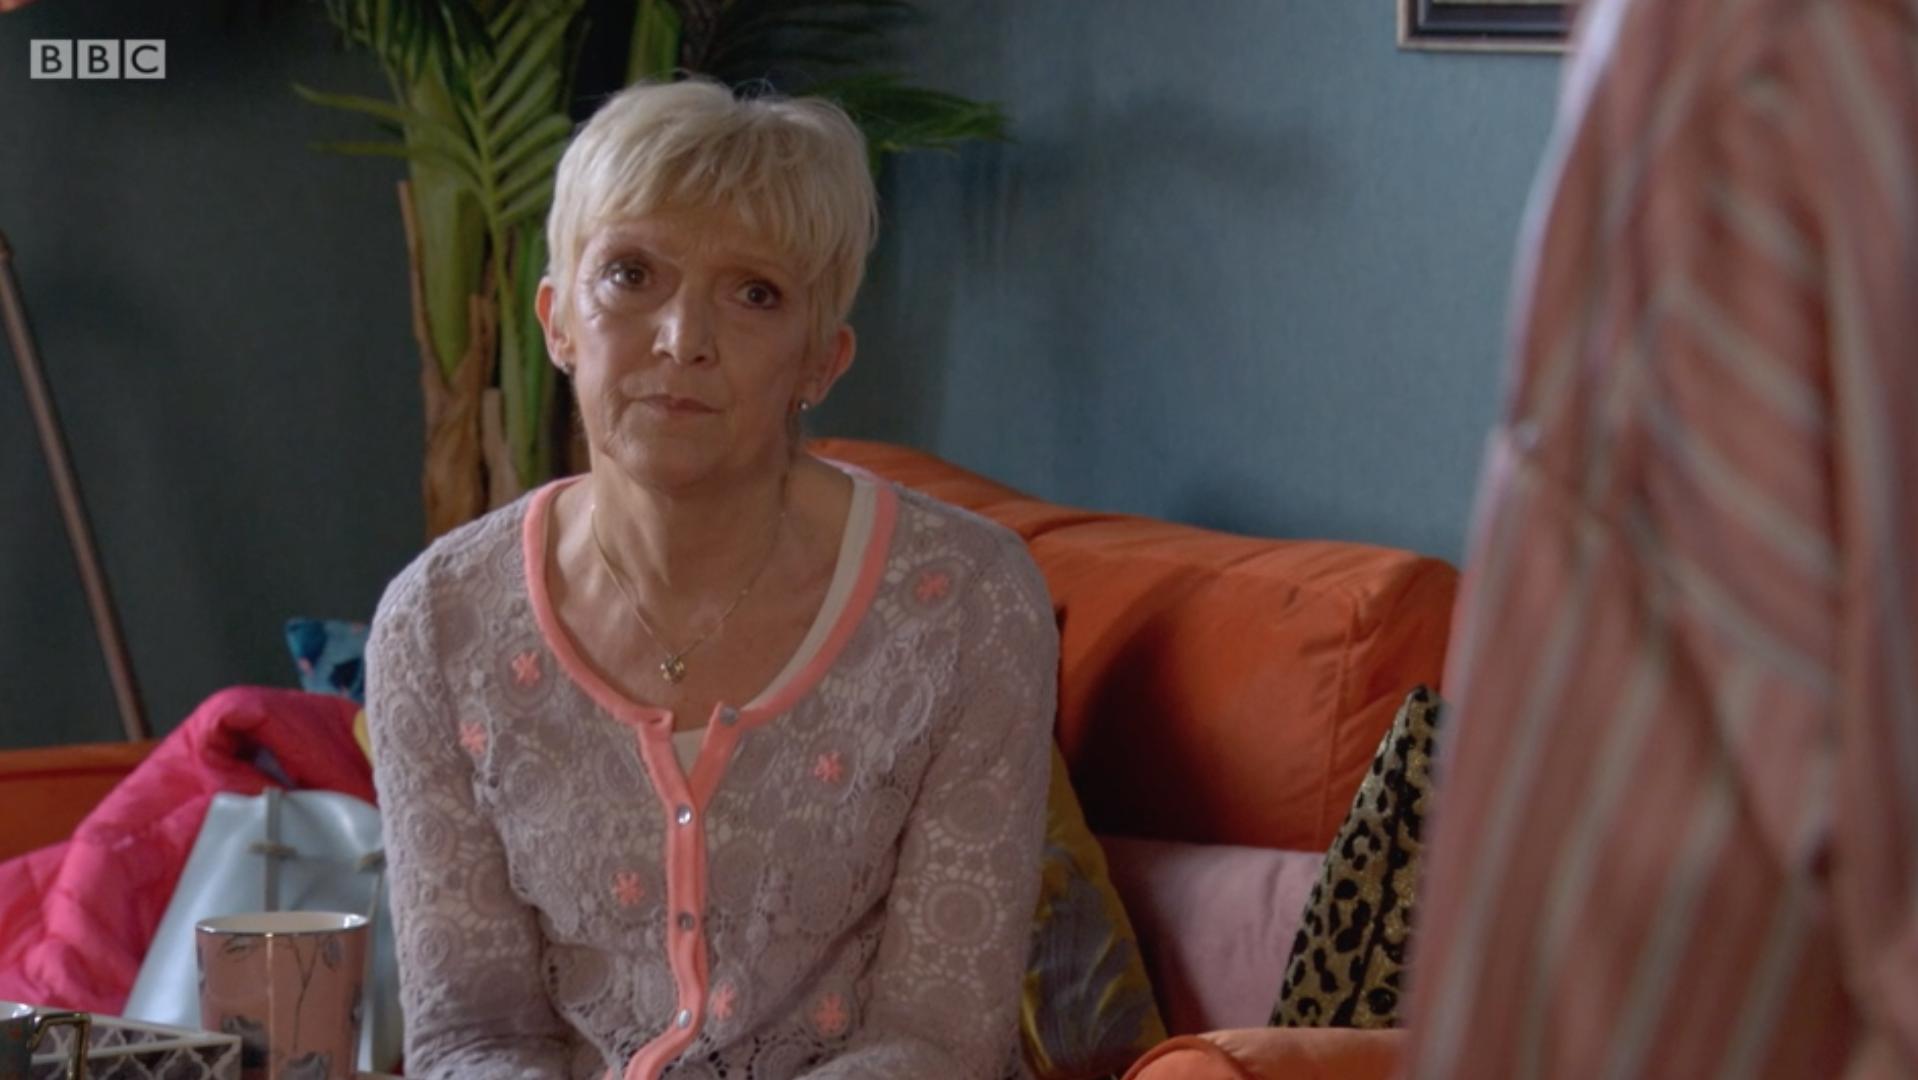 Jean y Ruby están hablando en EastEnders